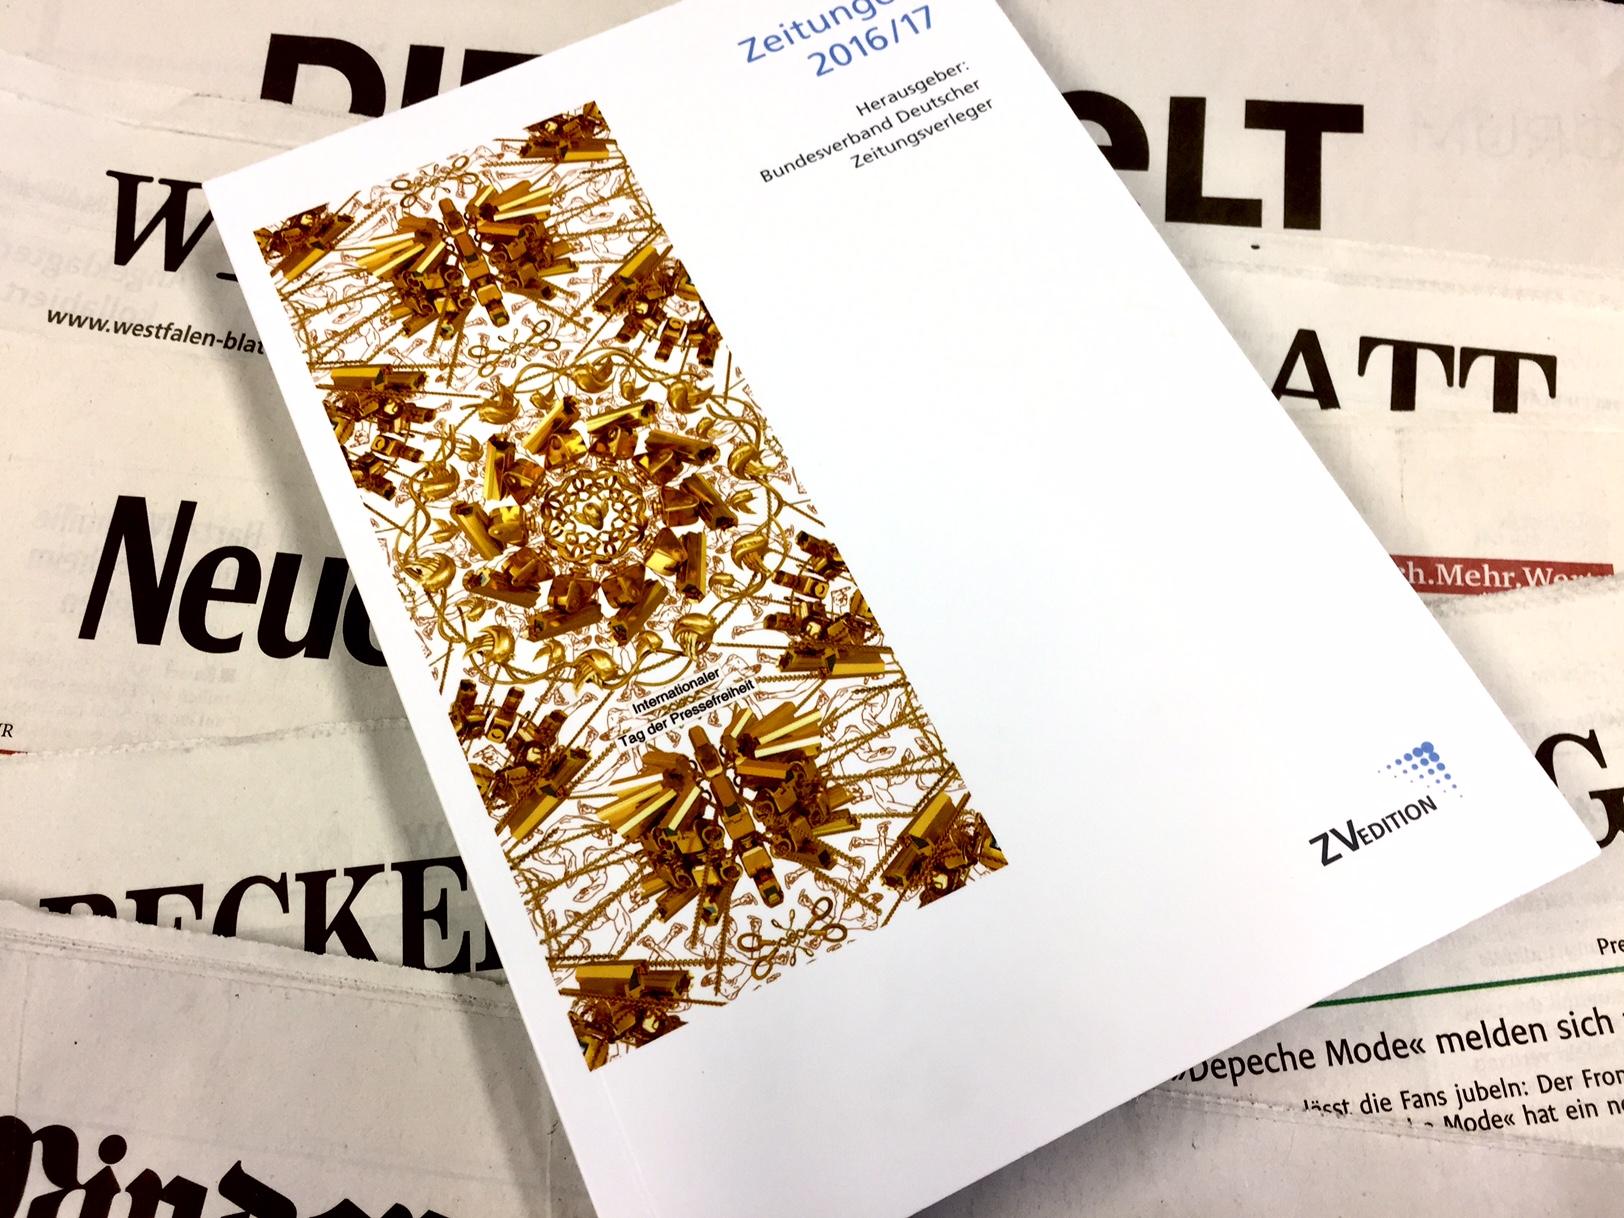 Beiträge zur Lage der Branche, Themen der Medienpolitik, Studien zur Mediennutzung und vor allem Zahlen, Daten Fakten zur Zeitungslandschaft in Deutschland: das BDZV-Jahrbuch gibt Auskunft. Foto: MT